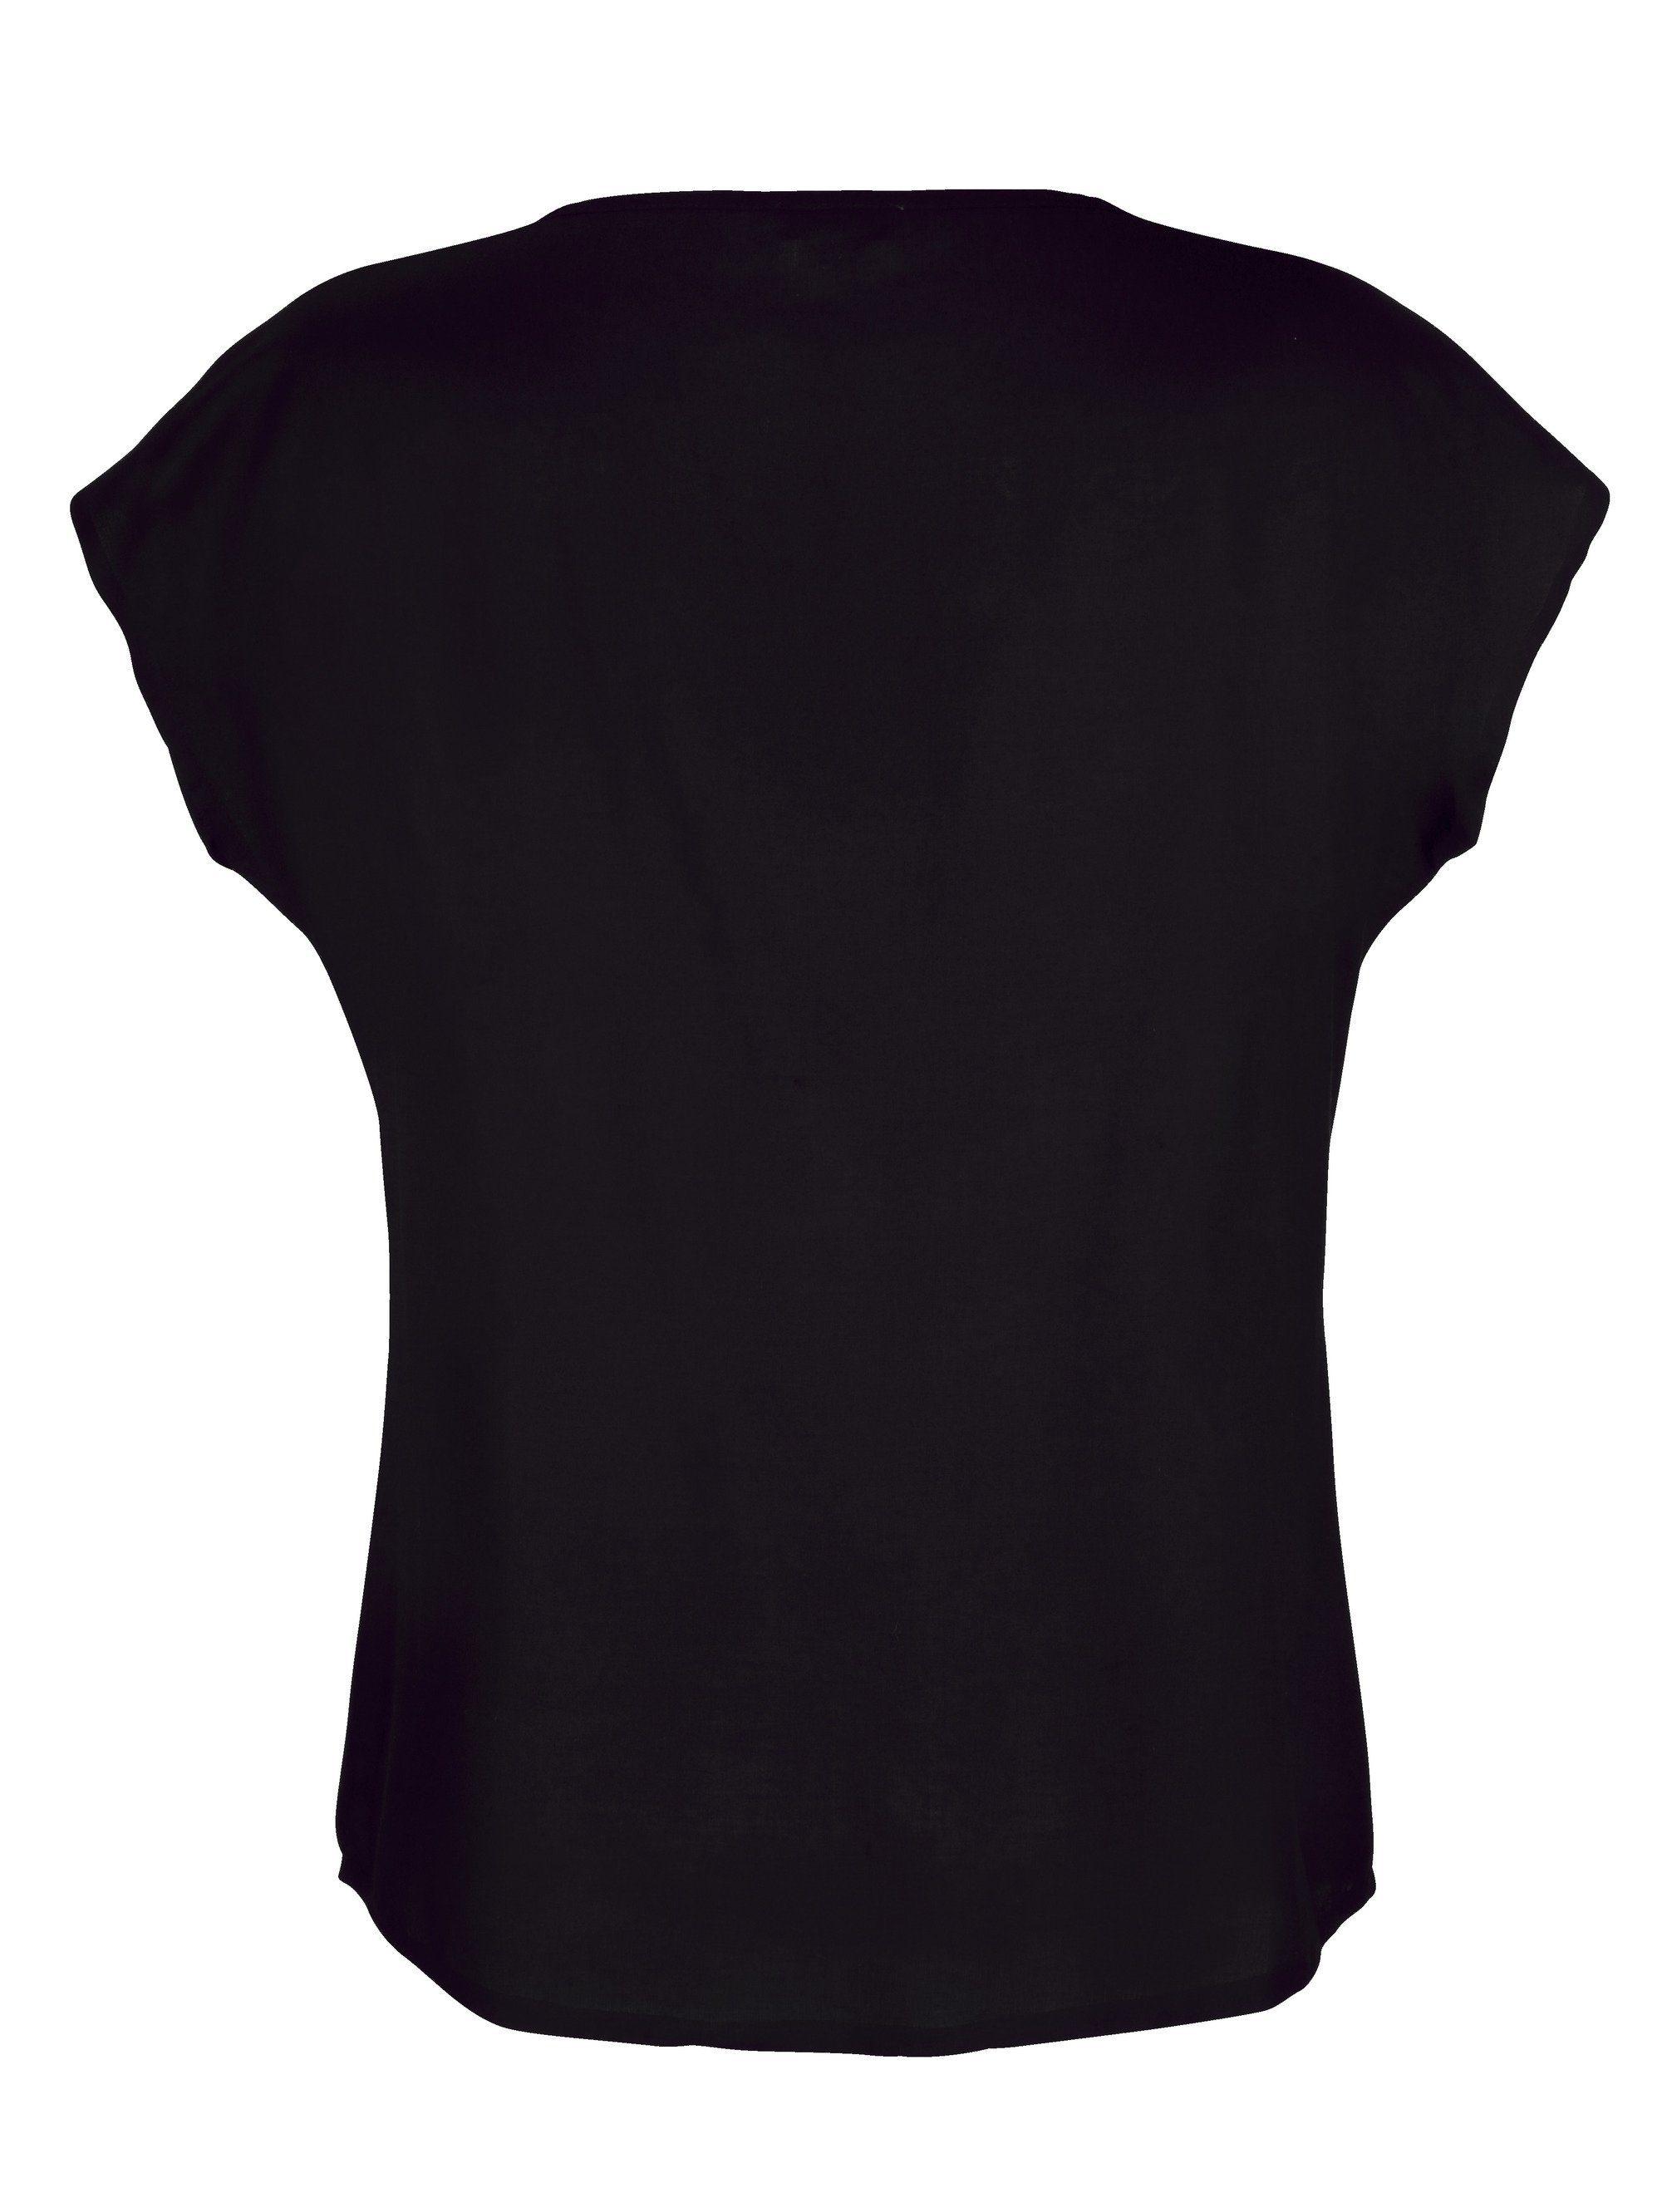 Moda Online Moda Kaufen Blusentop Alba Alba Blusentop Online JulFKT1c3